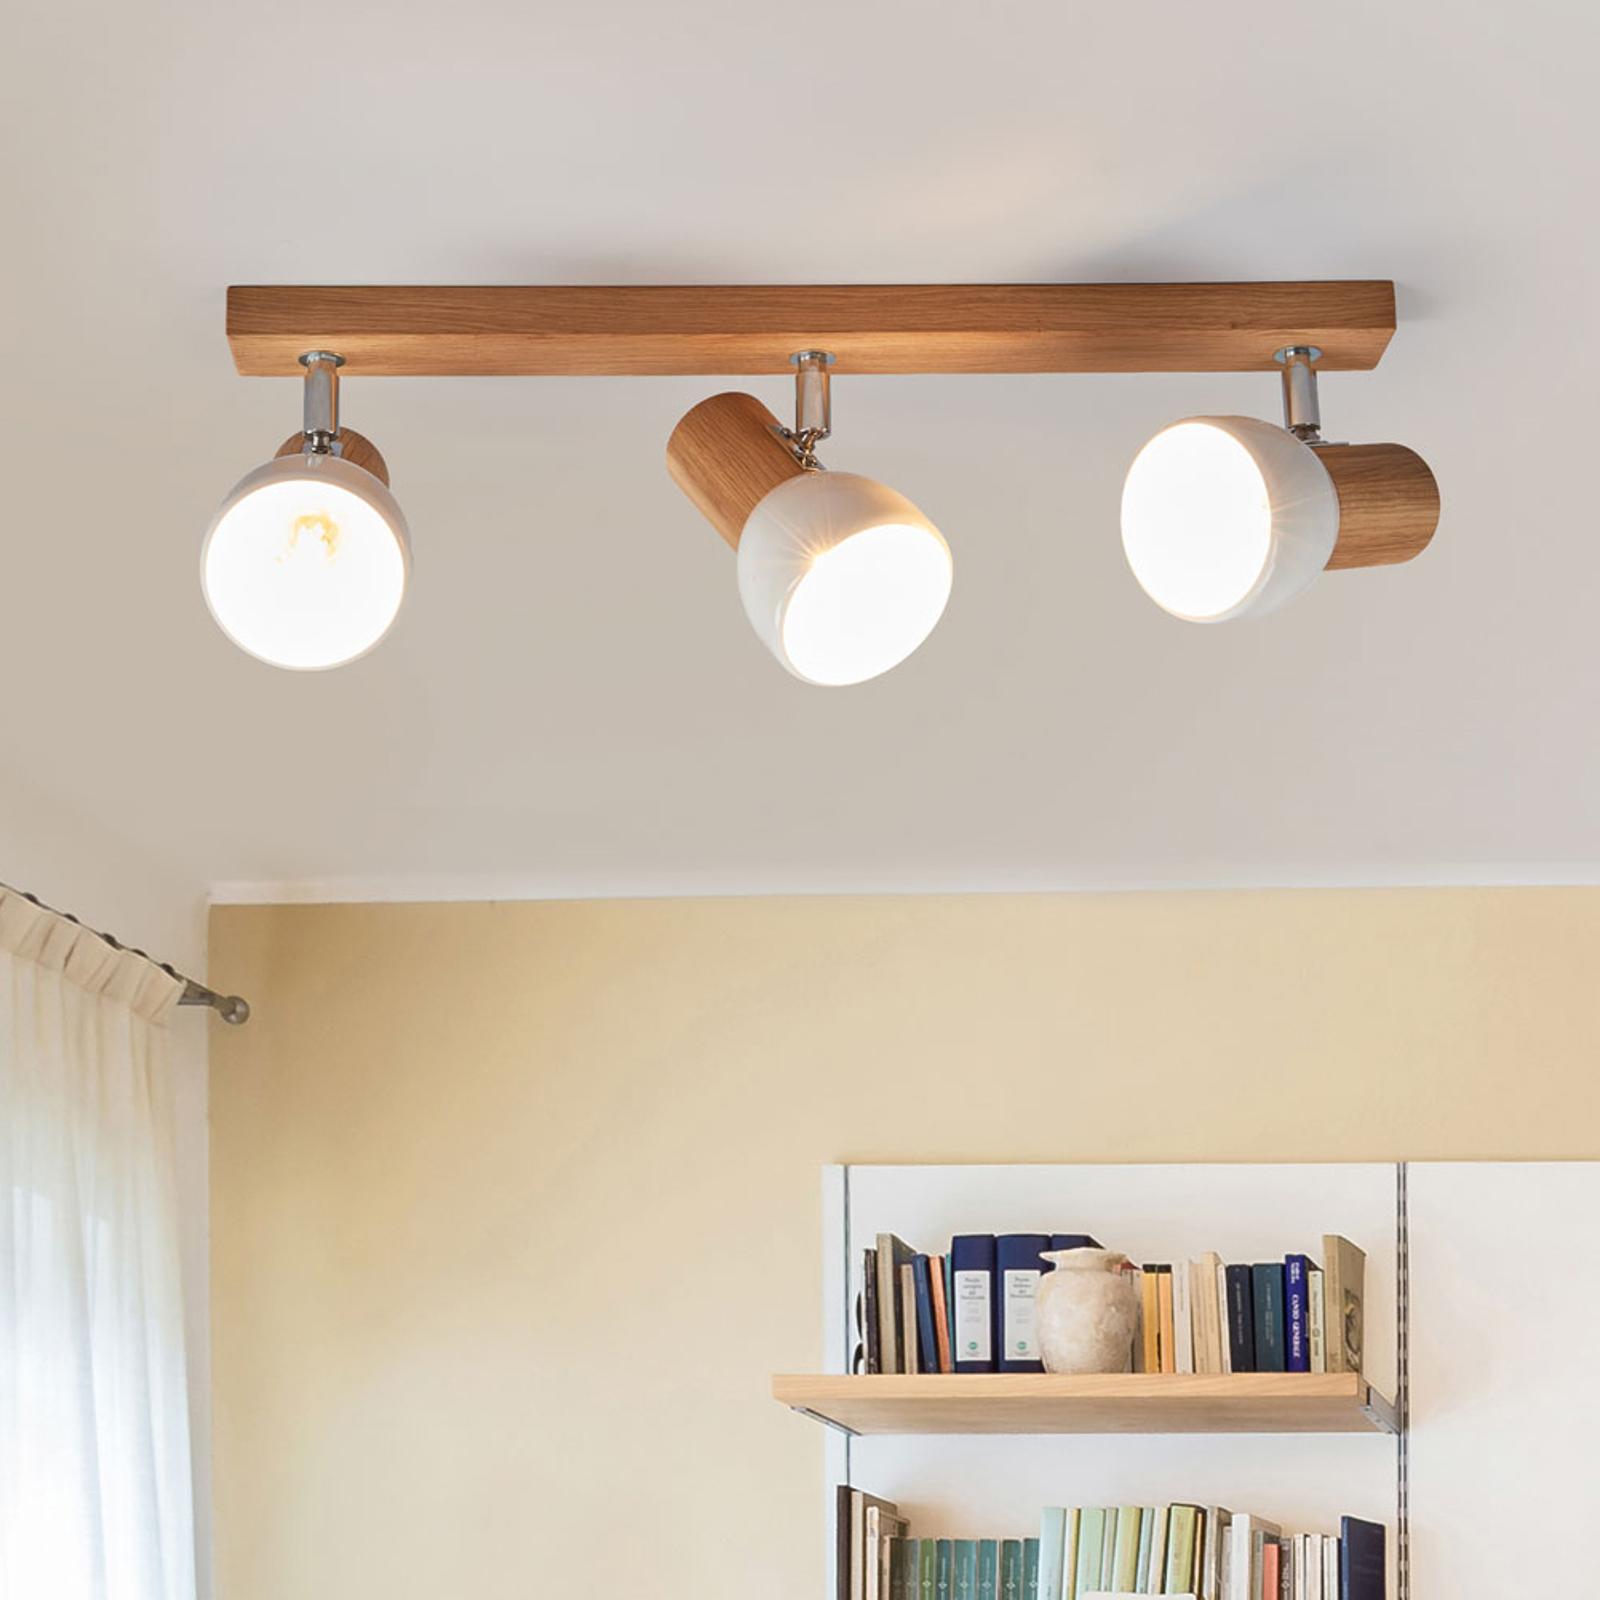 Spot Light Deckenlampe Svenda Deckenleuchte Holz Skandinavisch Dimmbar A Eur 79 90 Picclick De